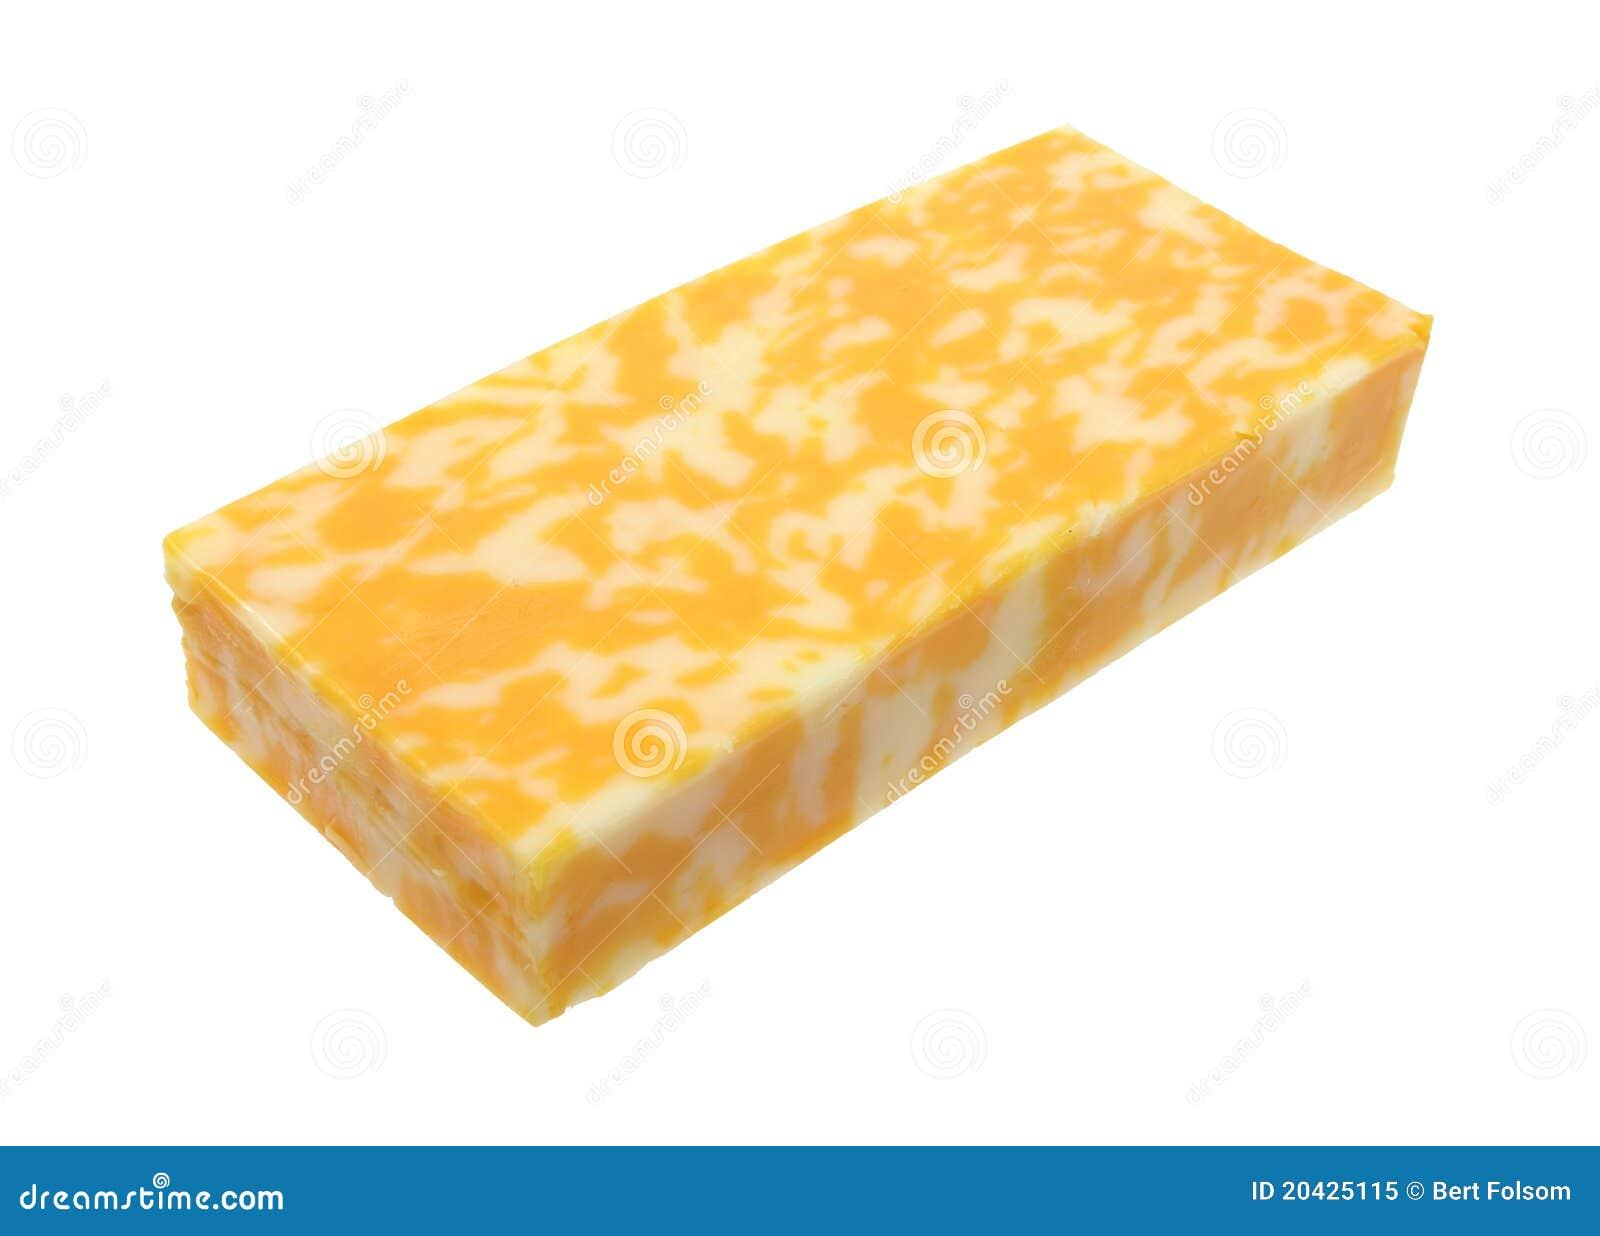 Bloc de fromage de Colby Jack